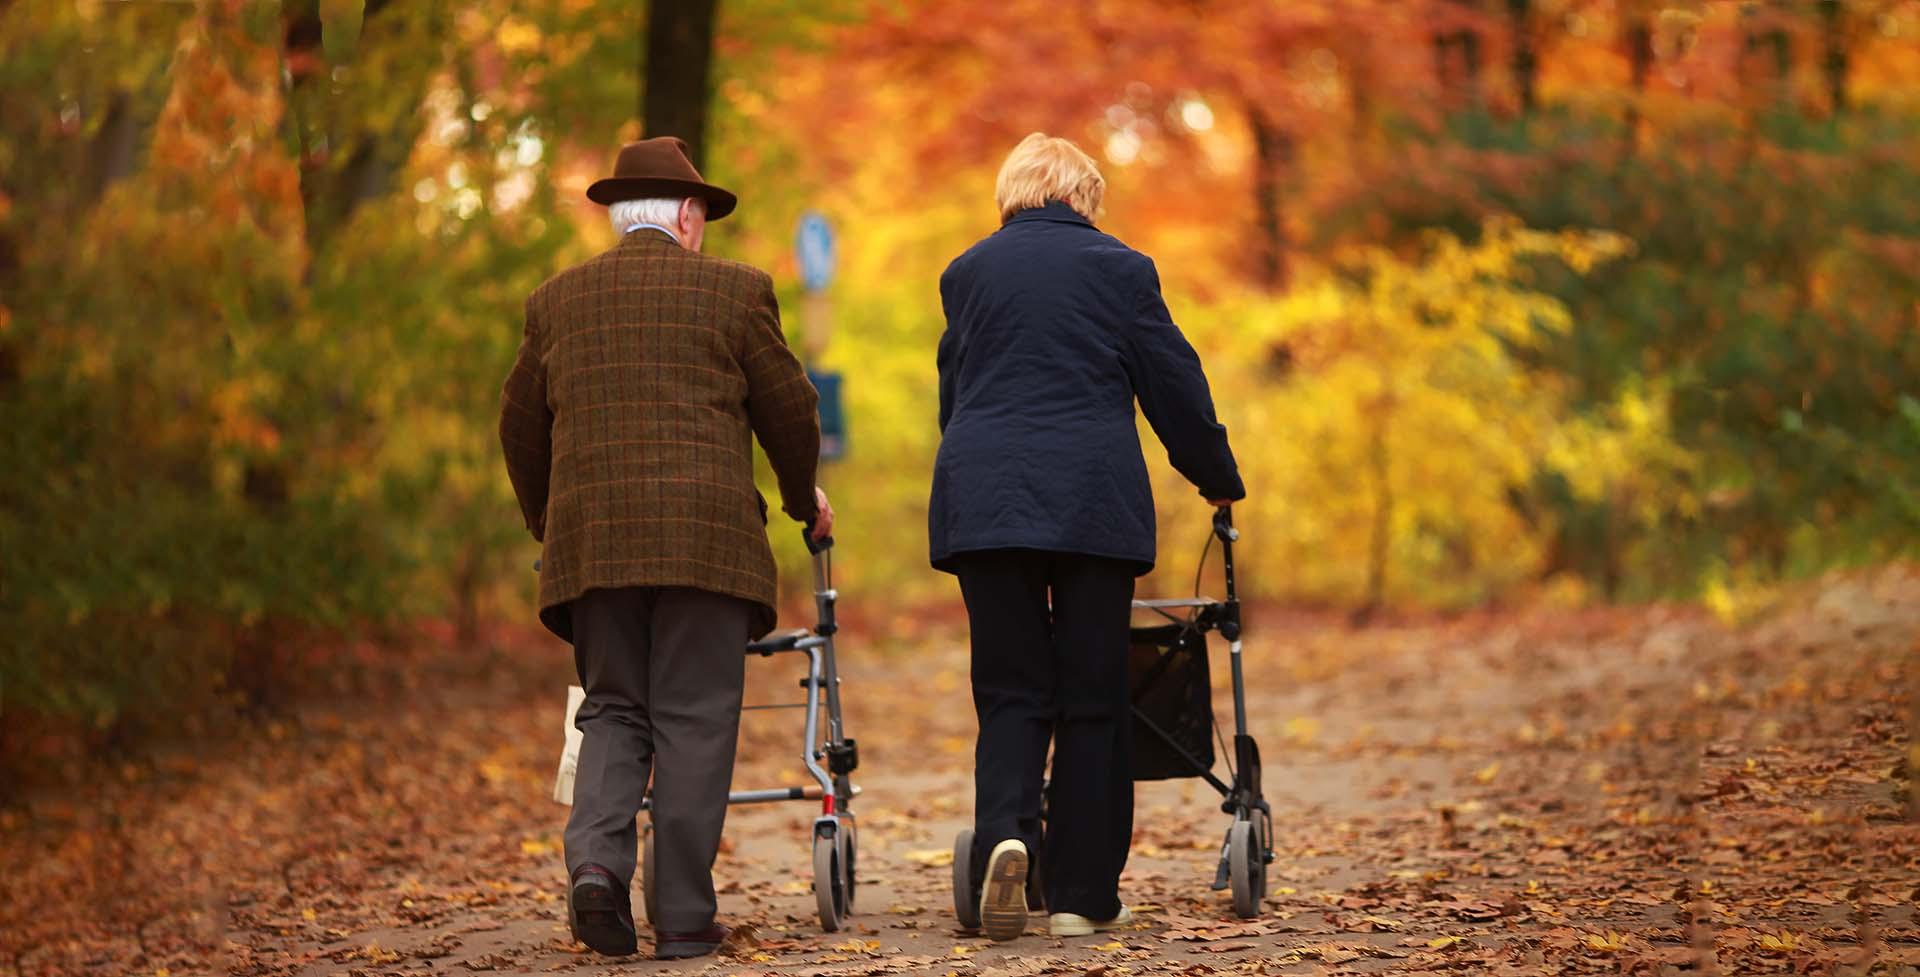 Ältere Menschen im Park Geriatrie Ergotherapie Wachter Kempten im Allgäu